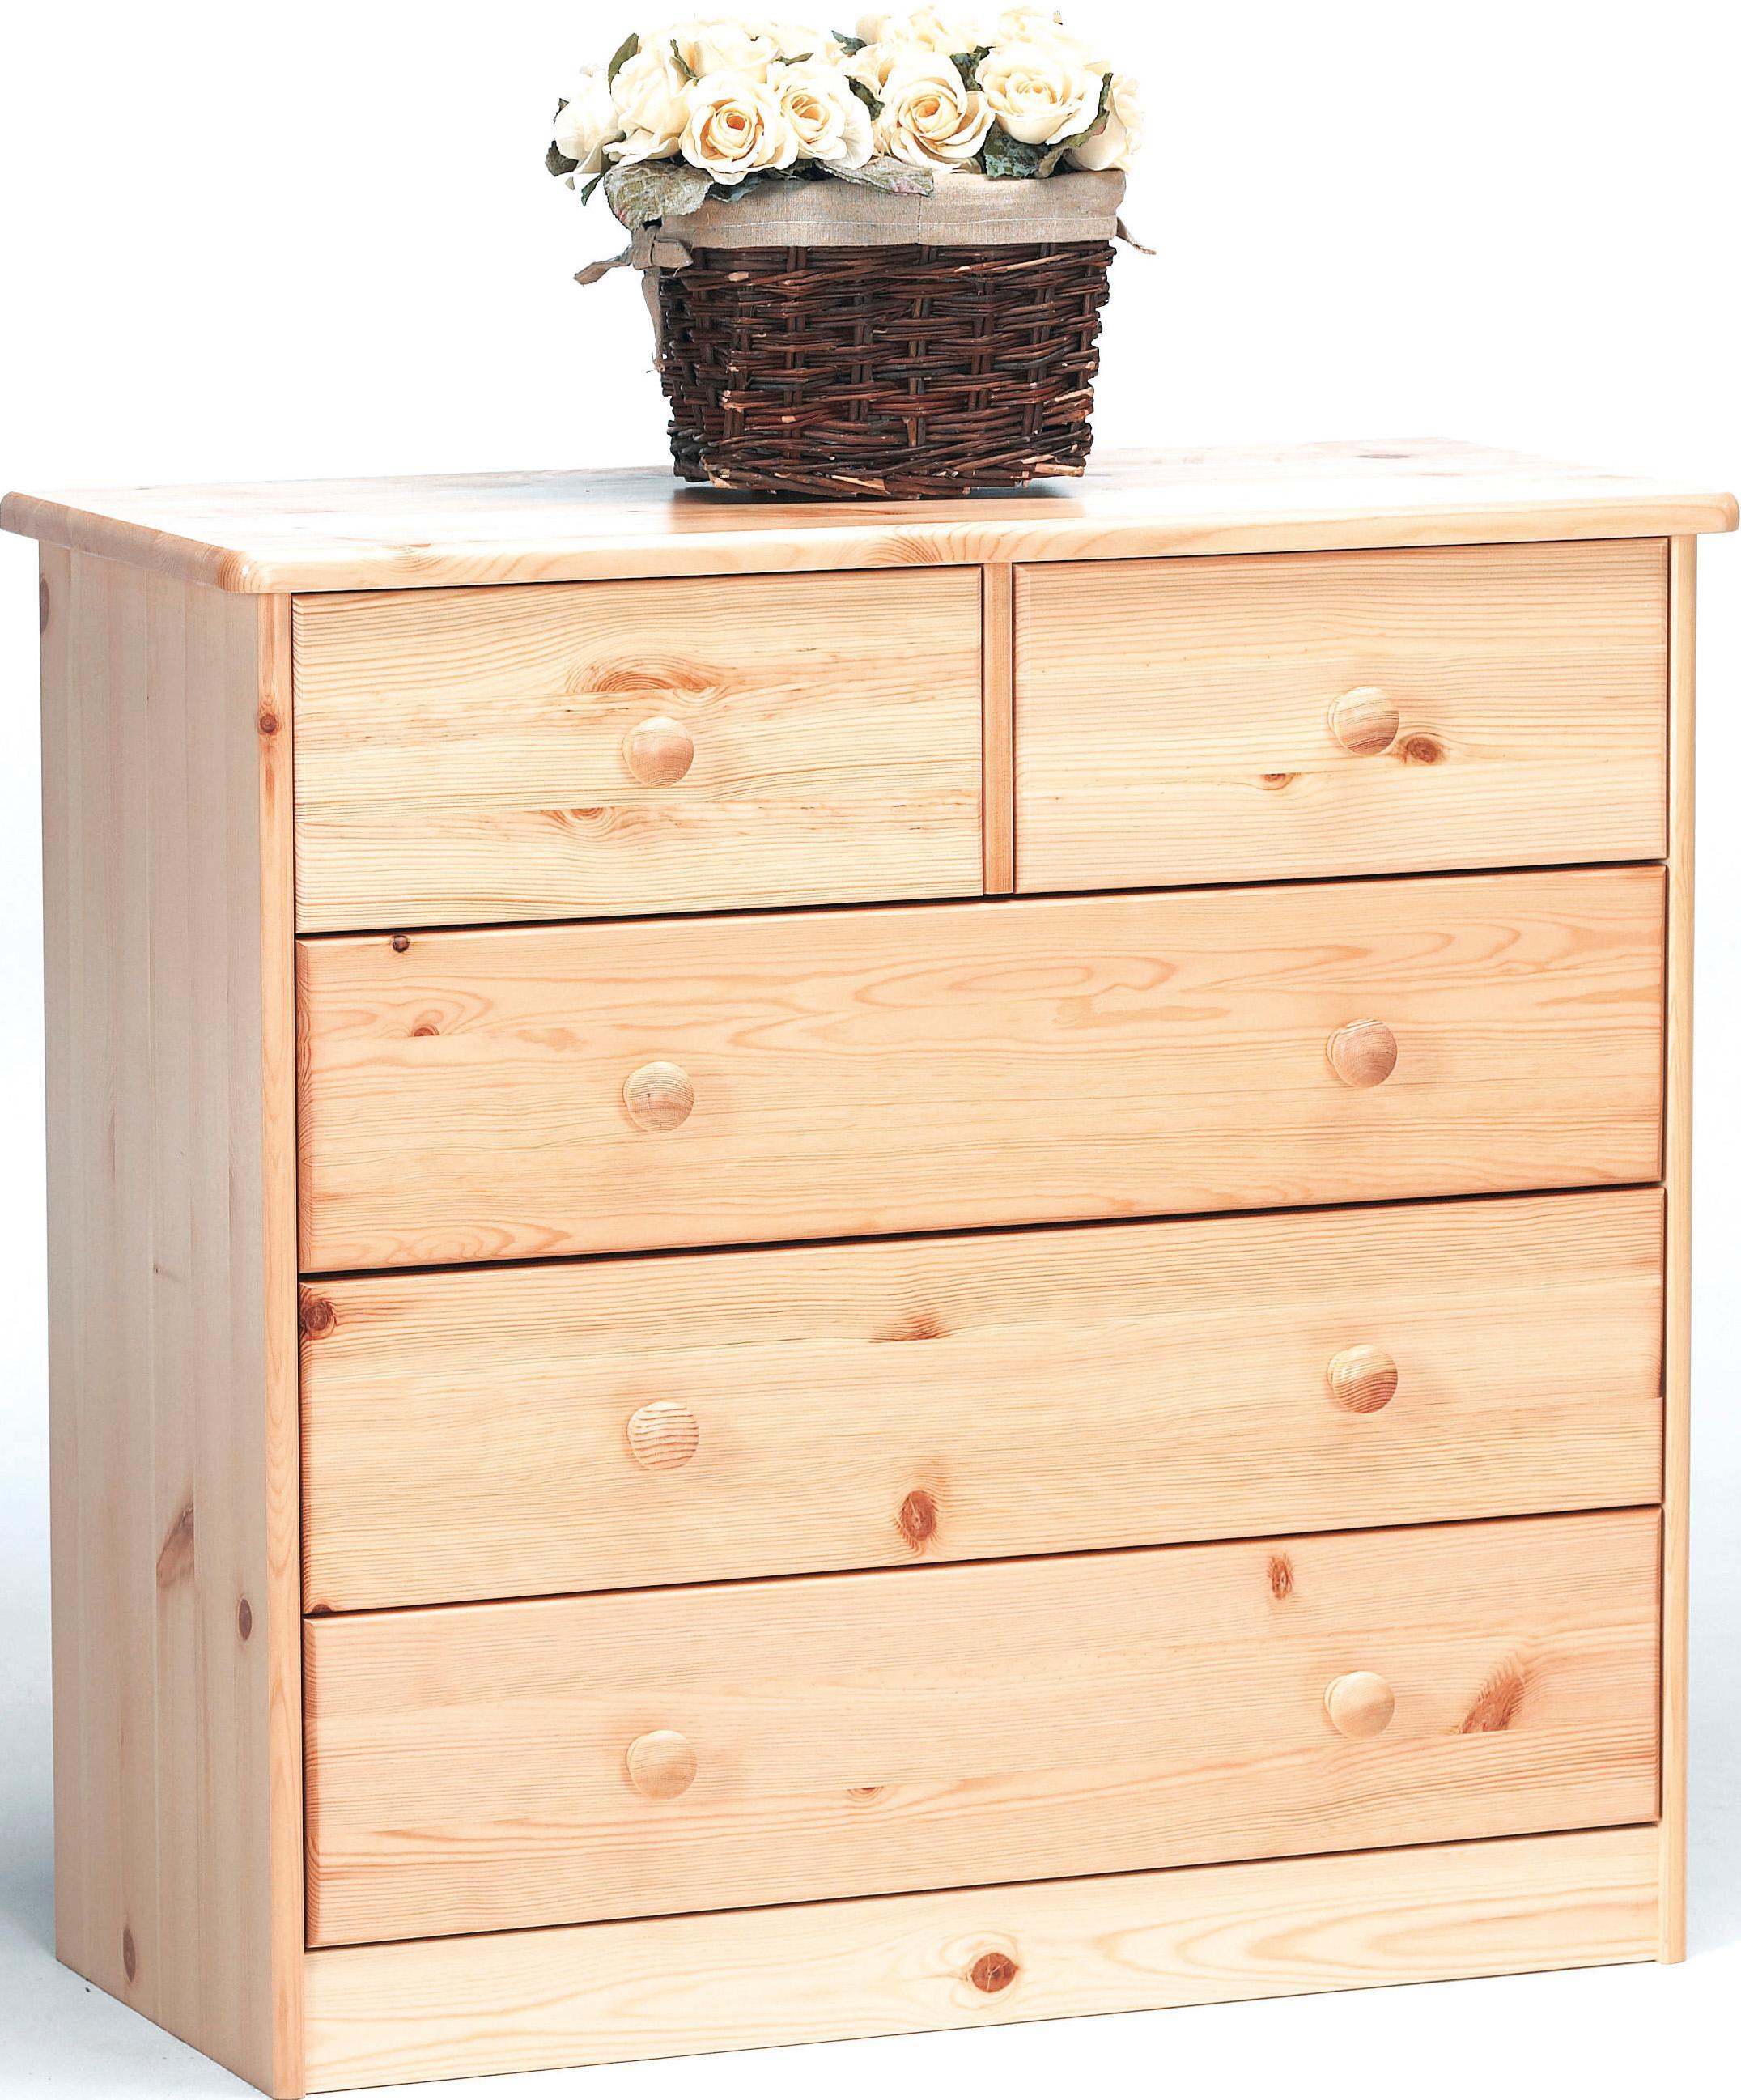 kommode sideboard anrichte kiefer natur 2 3 schubladen k che haushalt. Black Bedroom Furniture Sets. Home Design Ideas